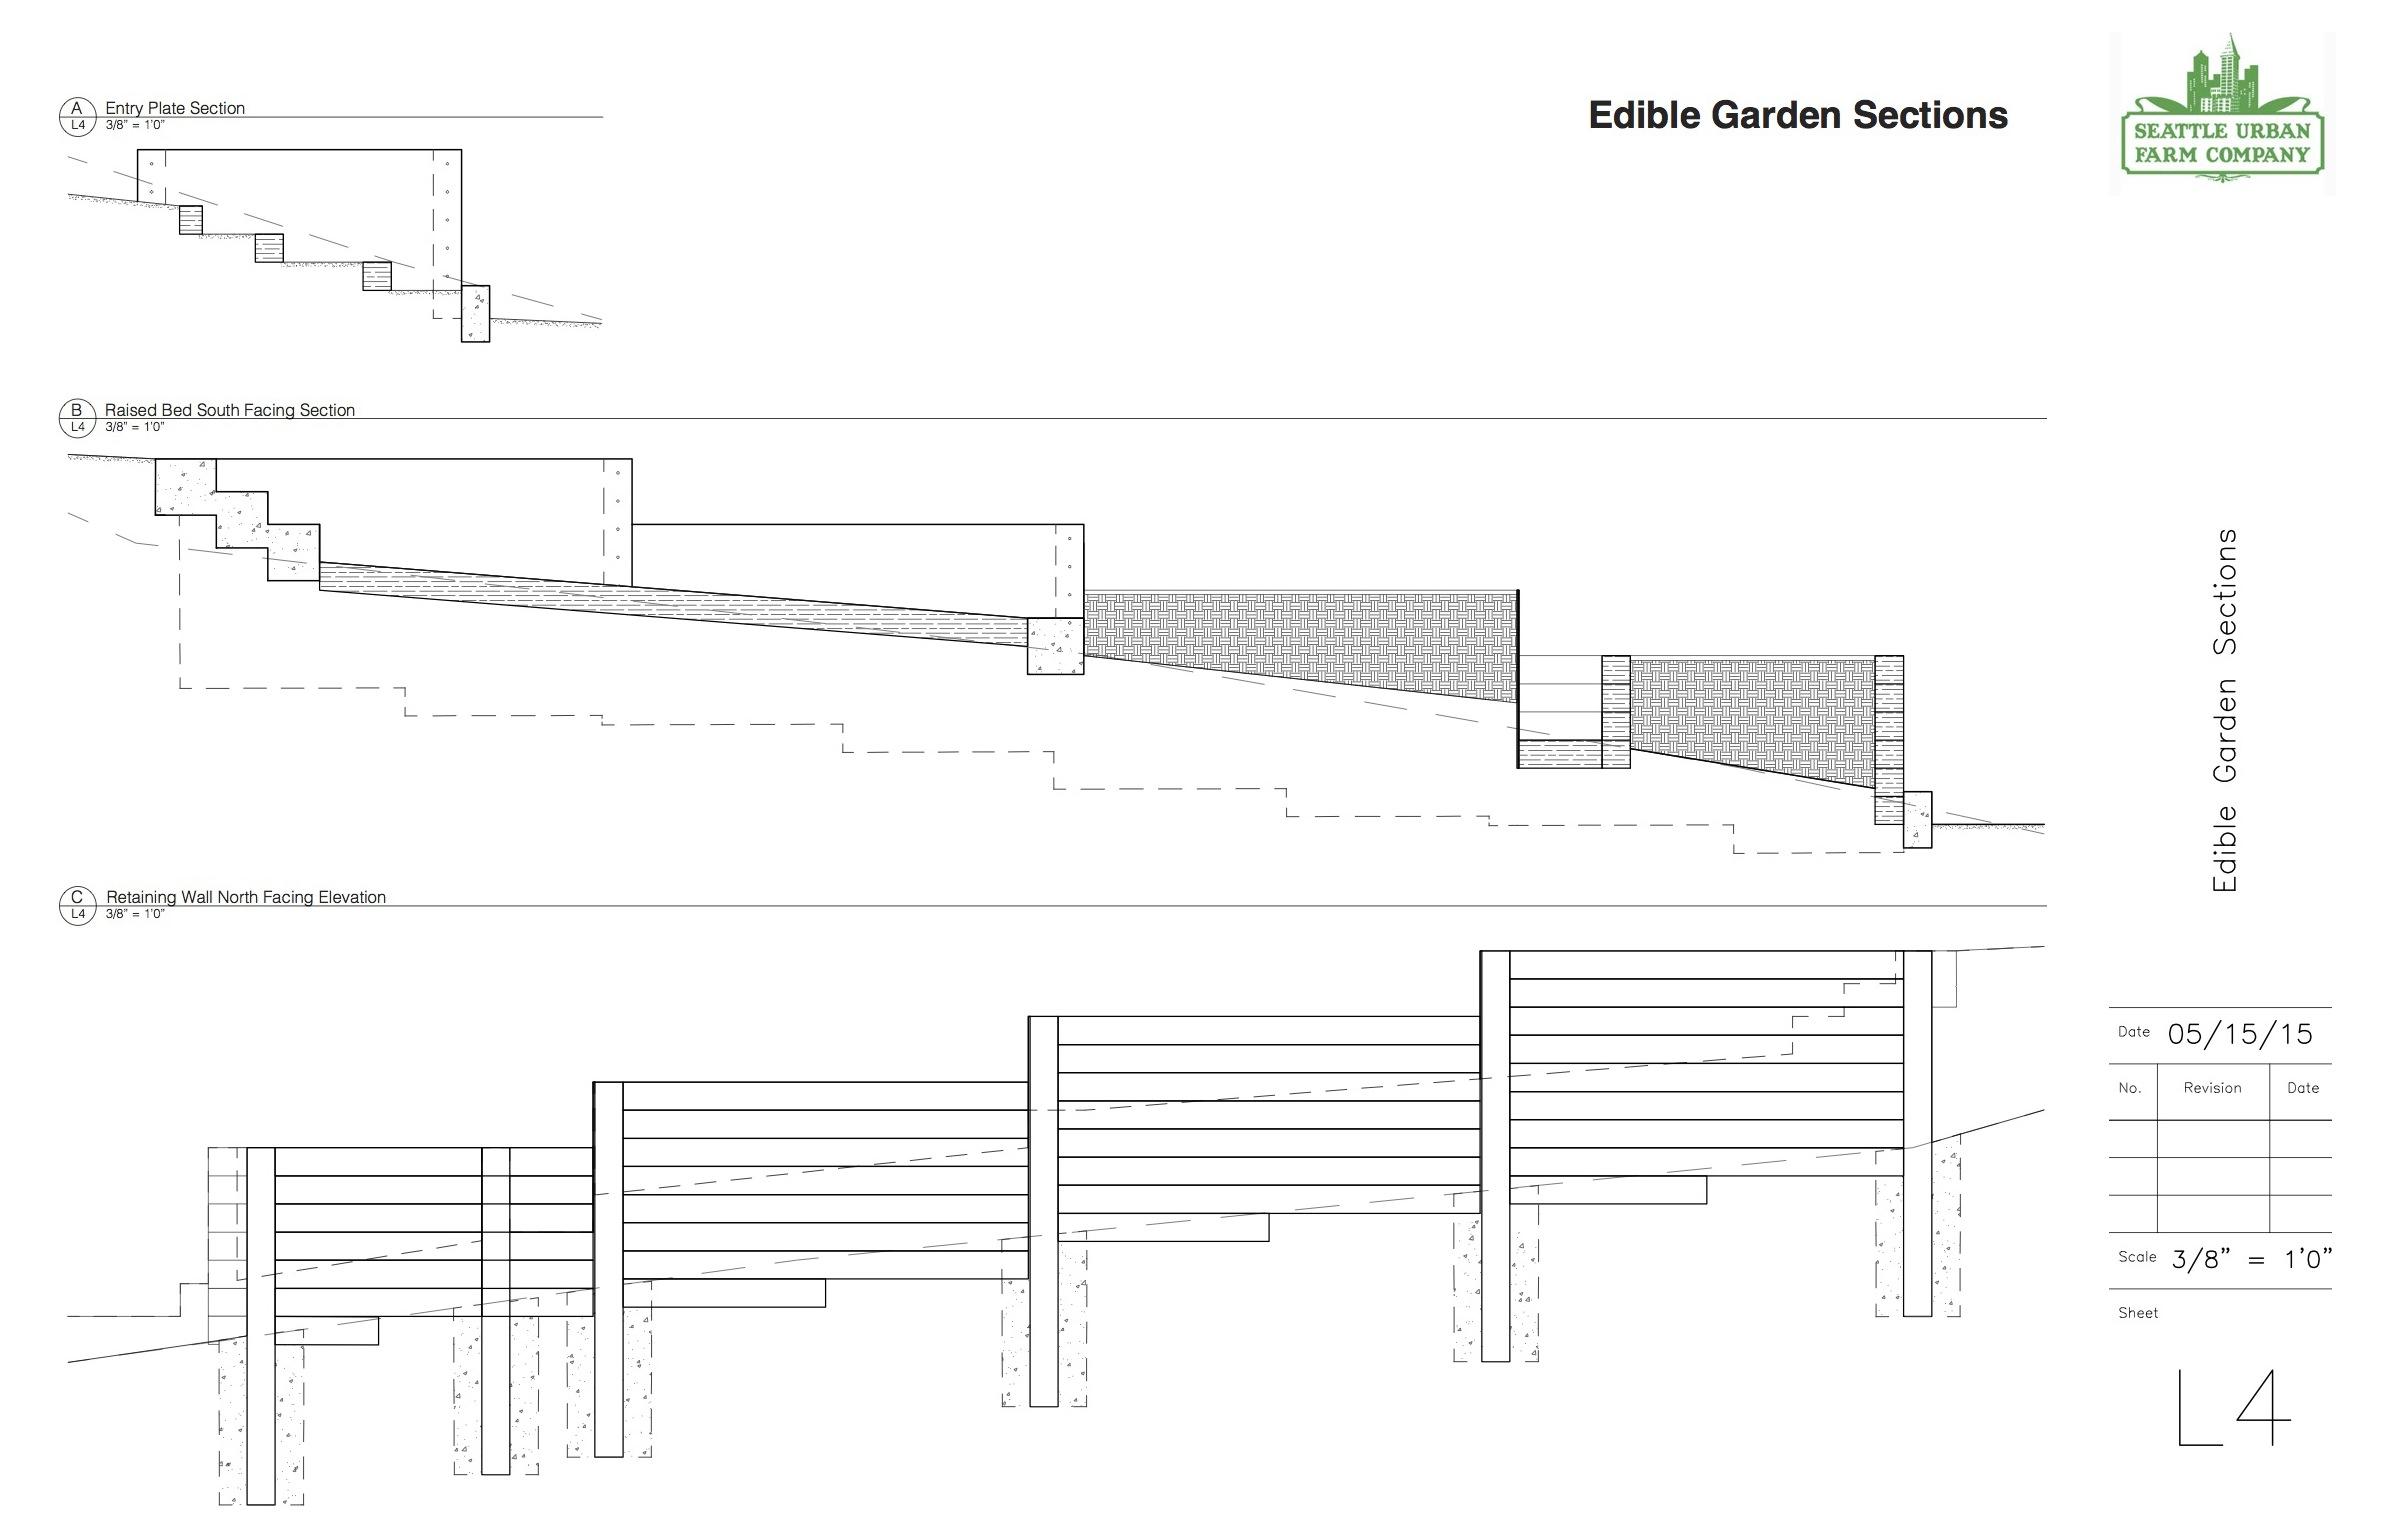 Garden Design Section_Seattle Urban Farm Co.